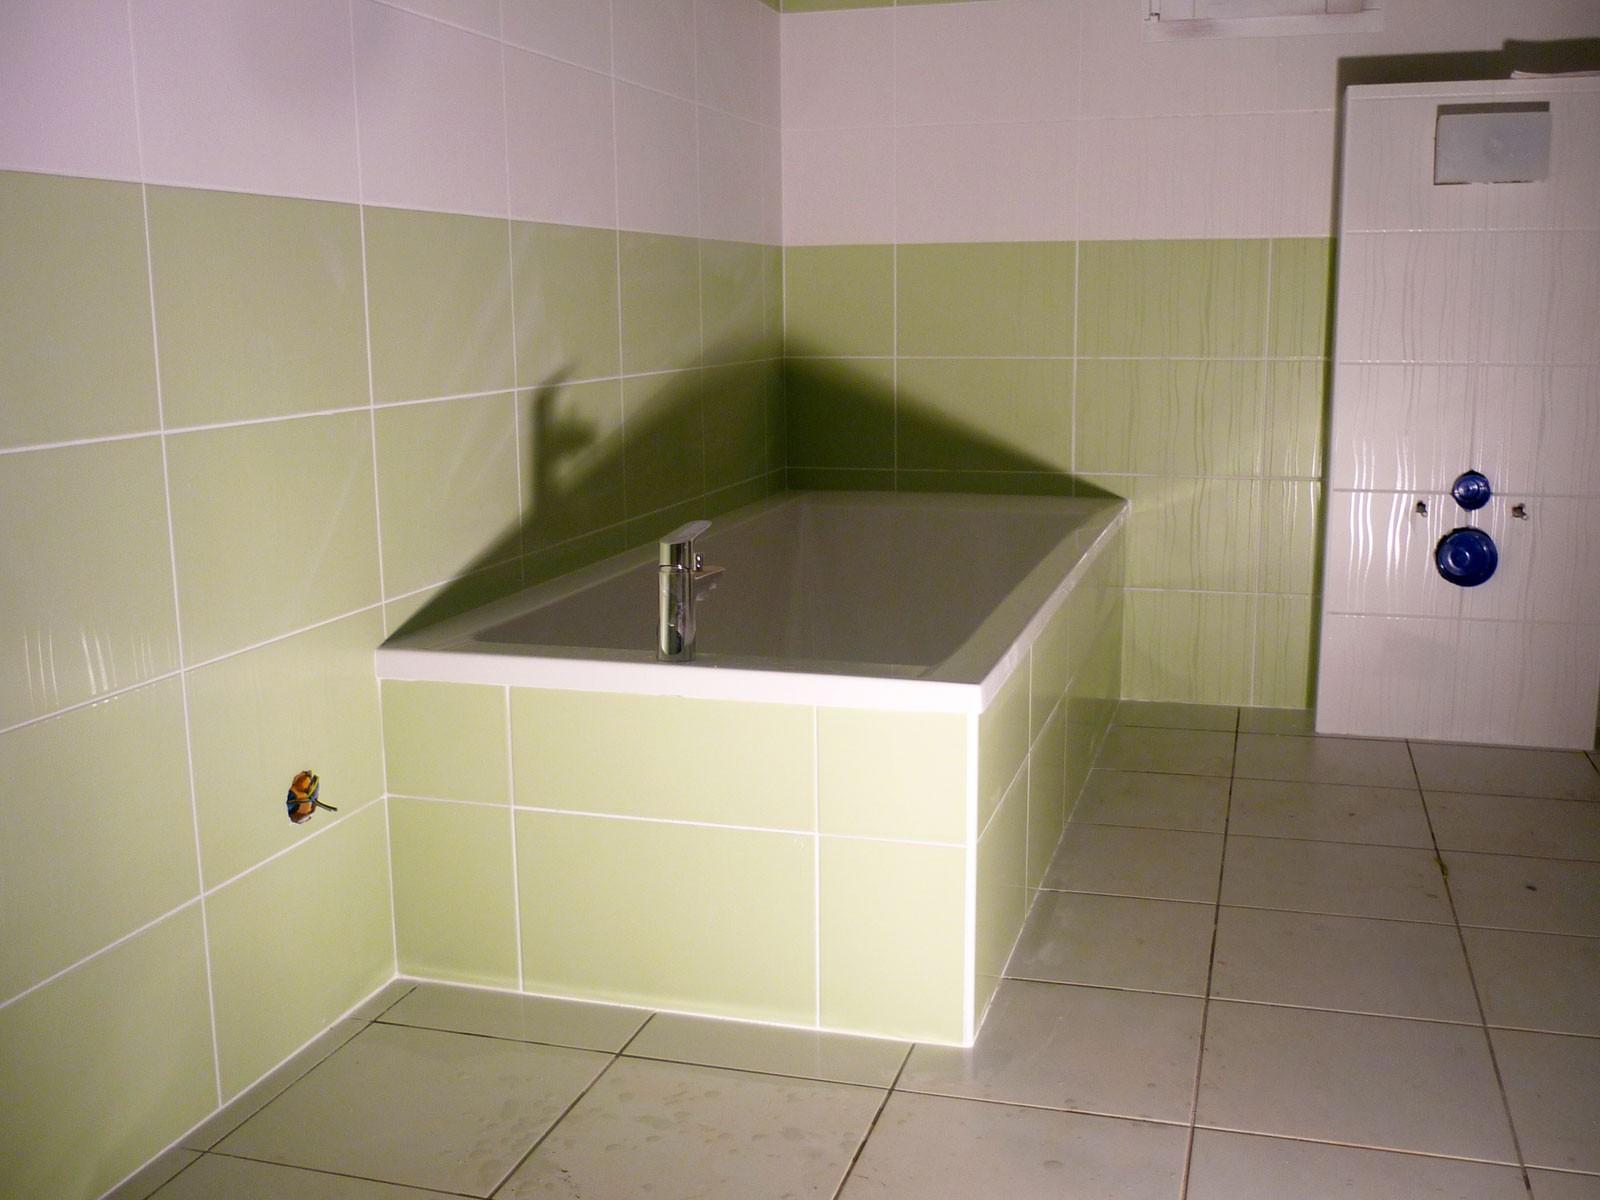 Carreler autour baignoire - Atwebster.fr - Maison et mobilier